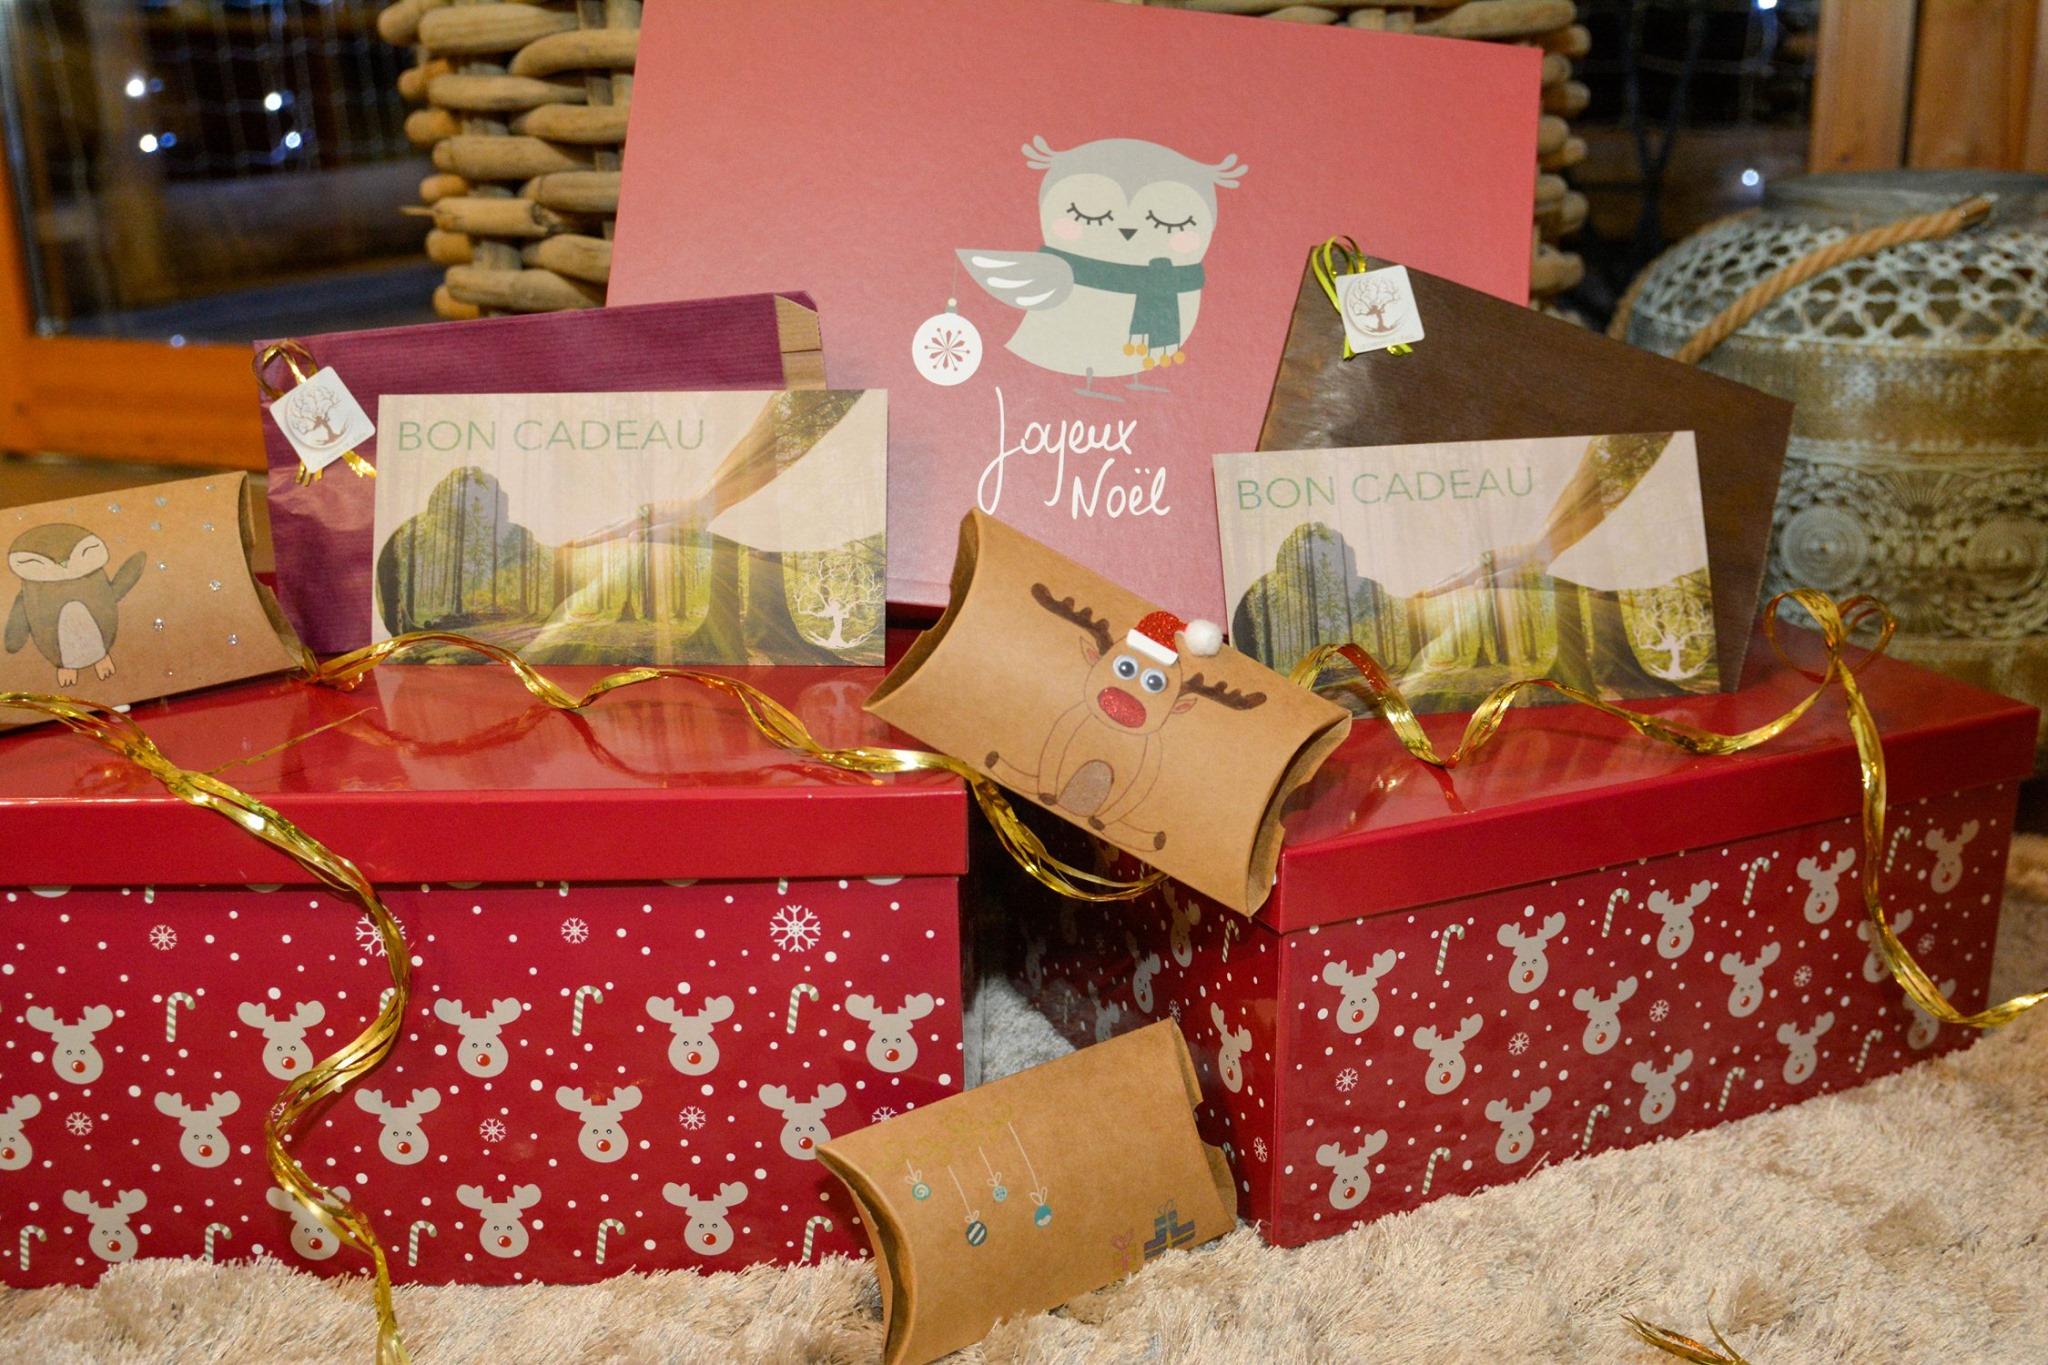 Pour Noël offrez le bien-être en cadeau !  Grâce à nos bons cadeau, faire plaisir n'aura jamais été ...